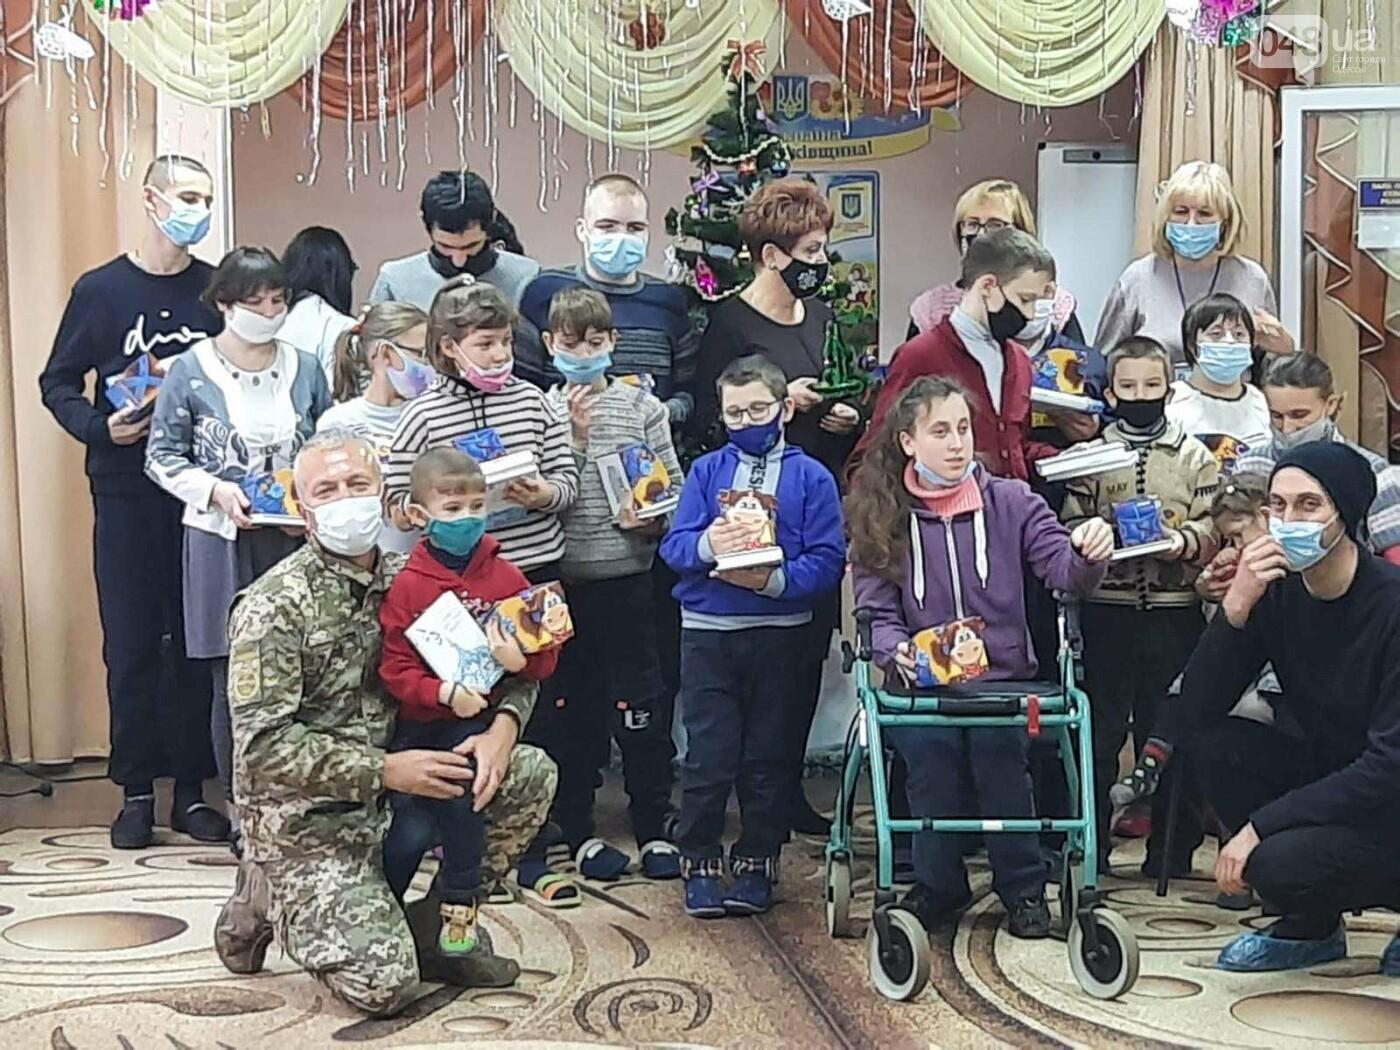 Праздничное чудо: «АТБ» помогает тысячам украинских семей удивить ребенка в день Святого Николая, фото-1